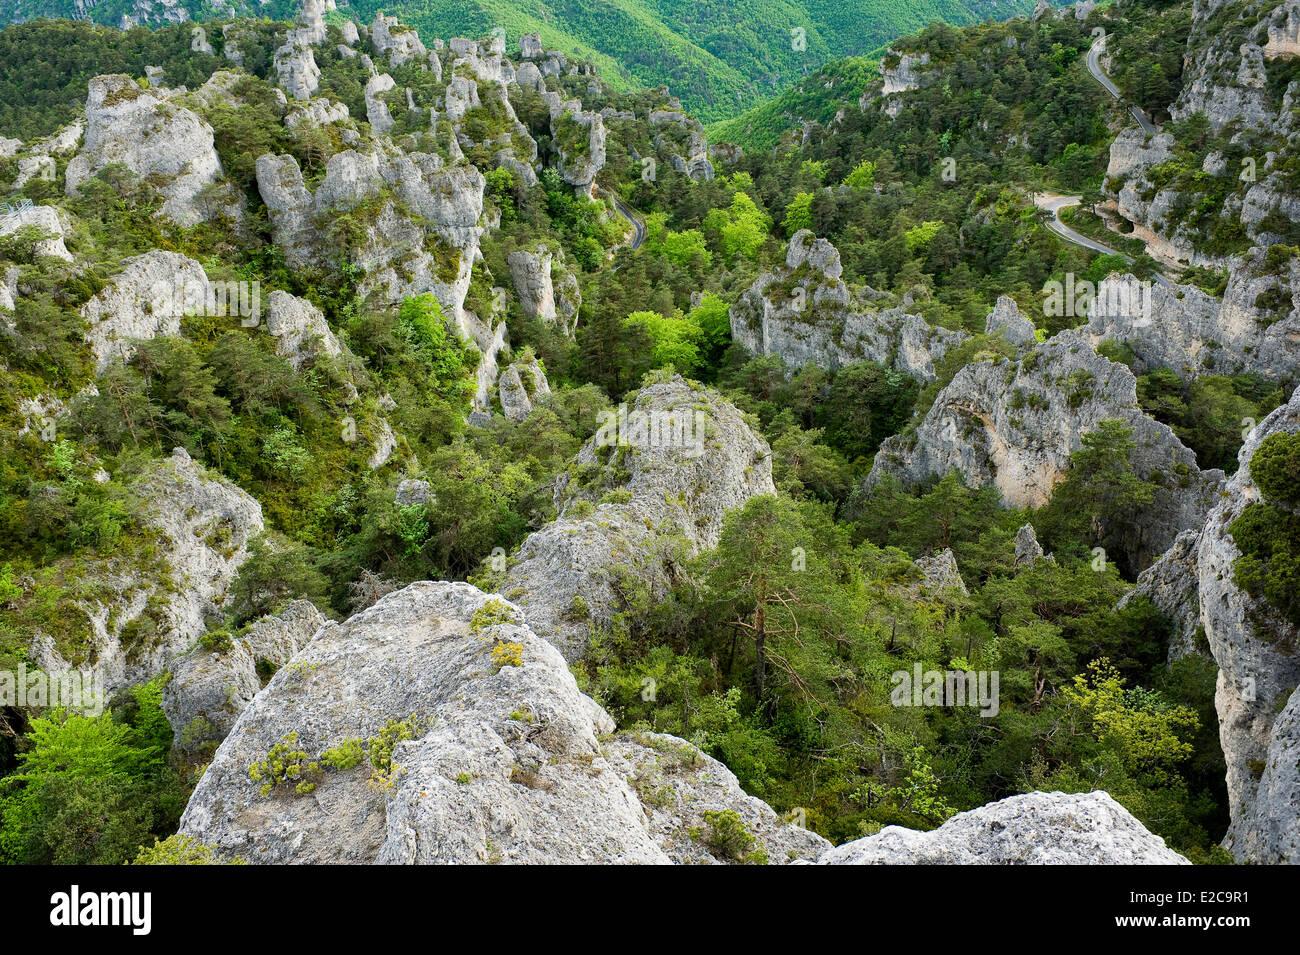 France, Aveyron, La Roque Sainte Marguerite, Chaos de Montpellier le Vieux, on the Causse Noir - Stock Image